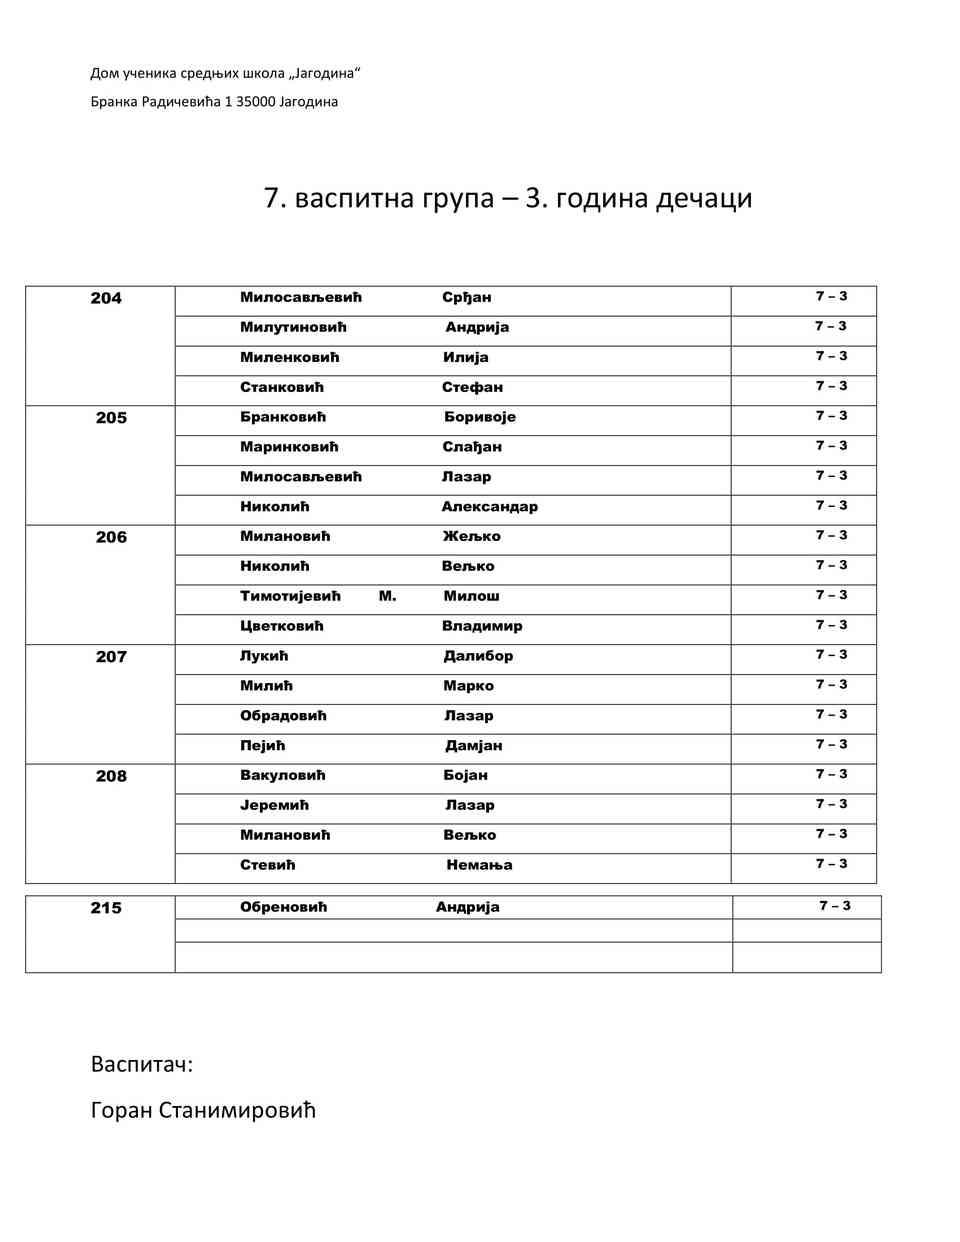 Raspored po grupama-06